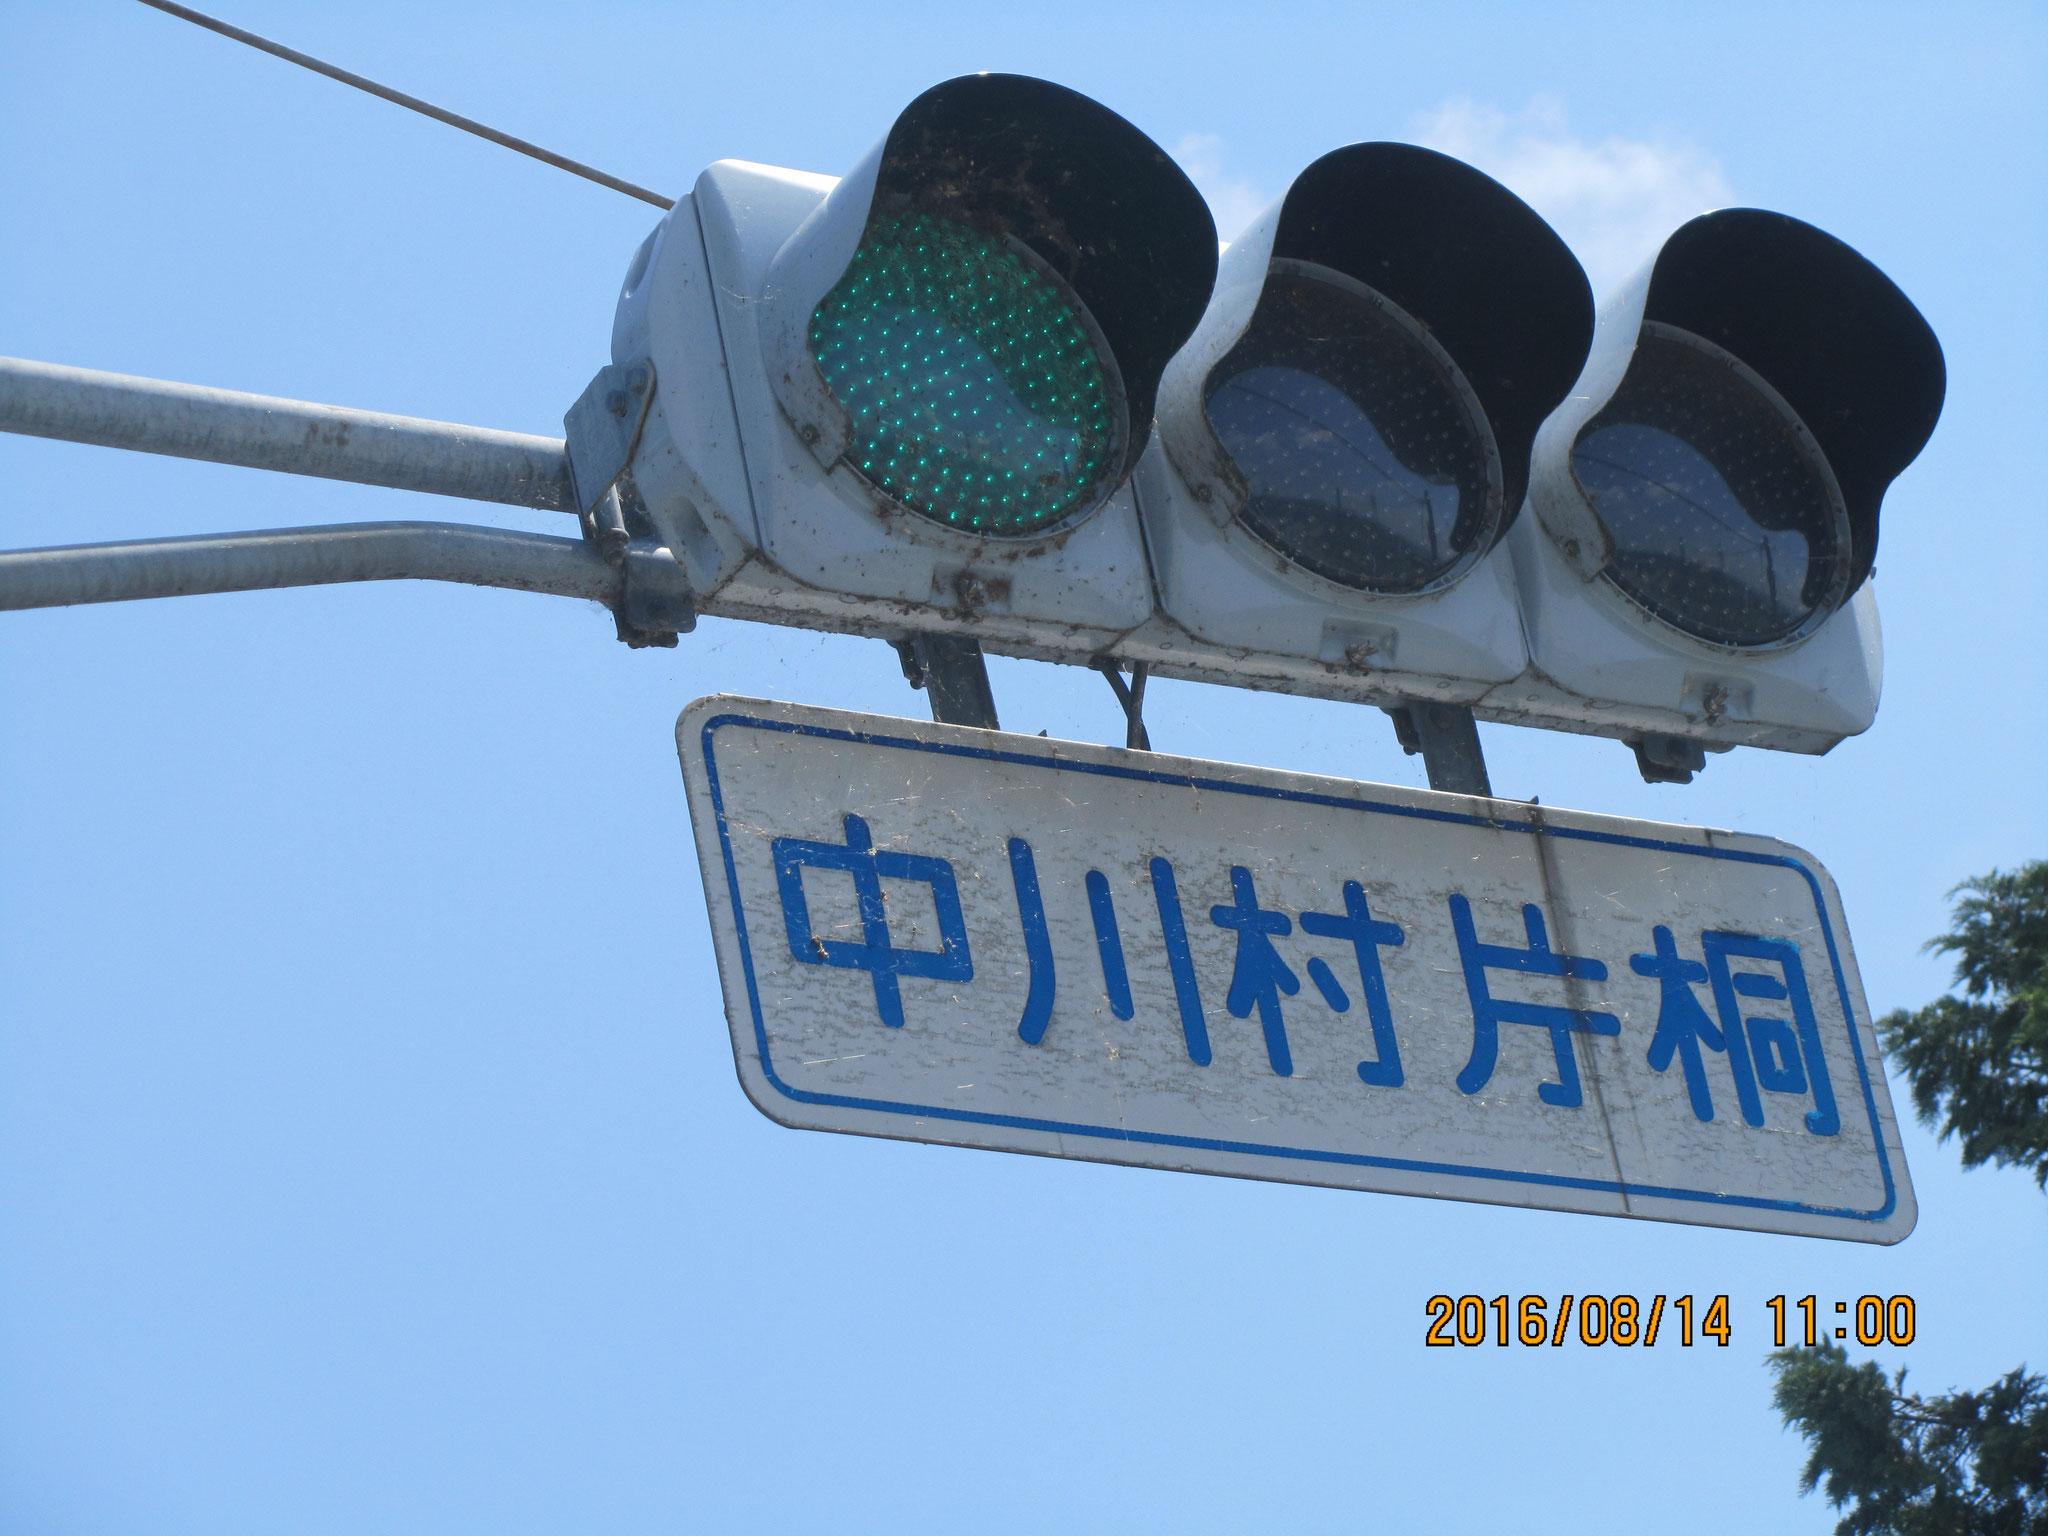 信号にも「片桐」の標識。